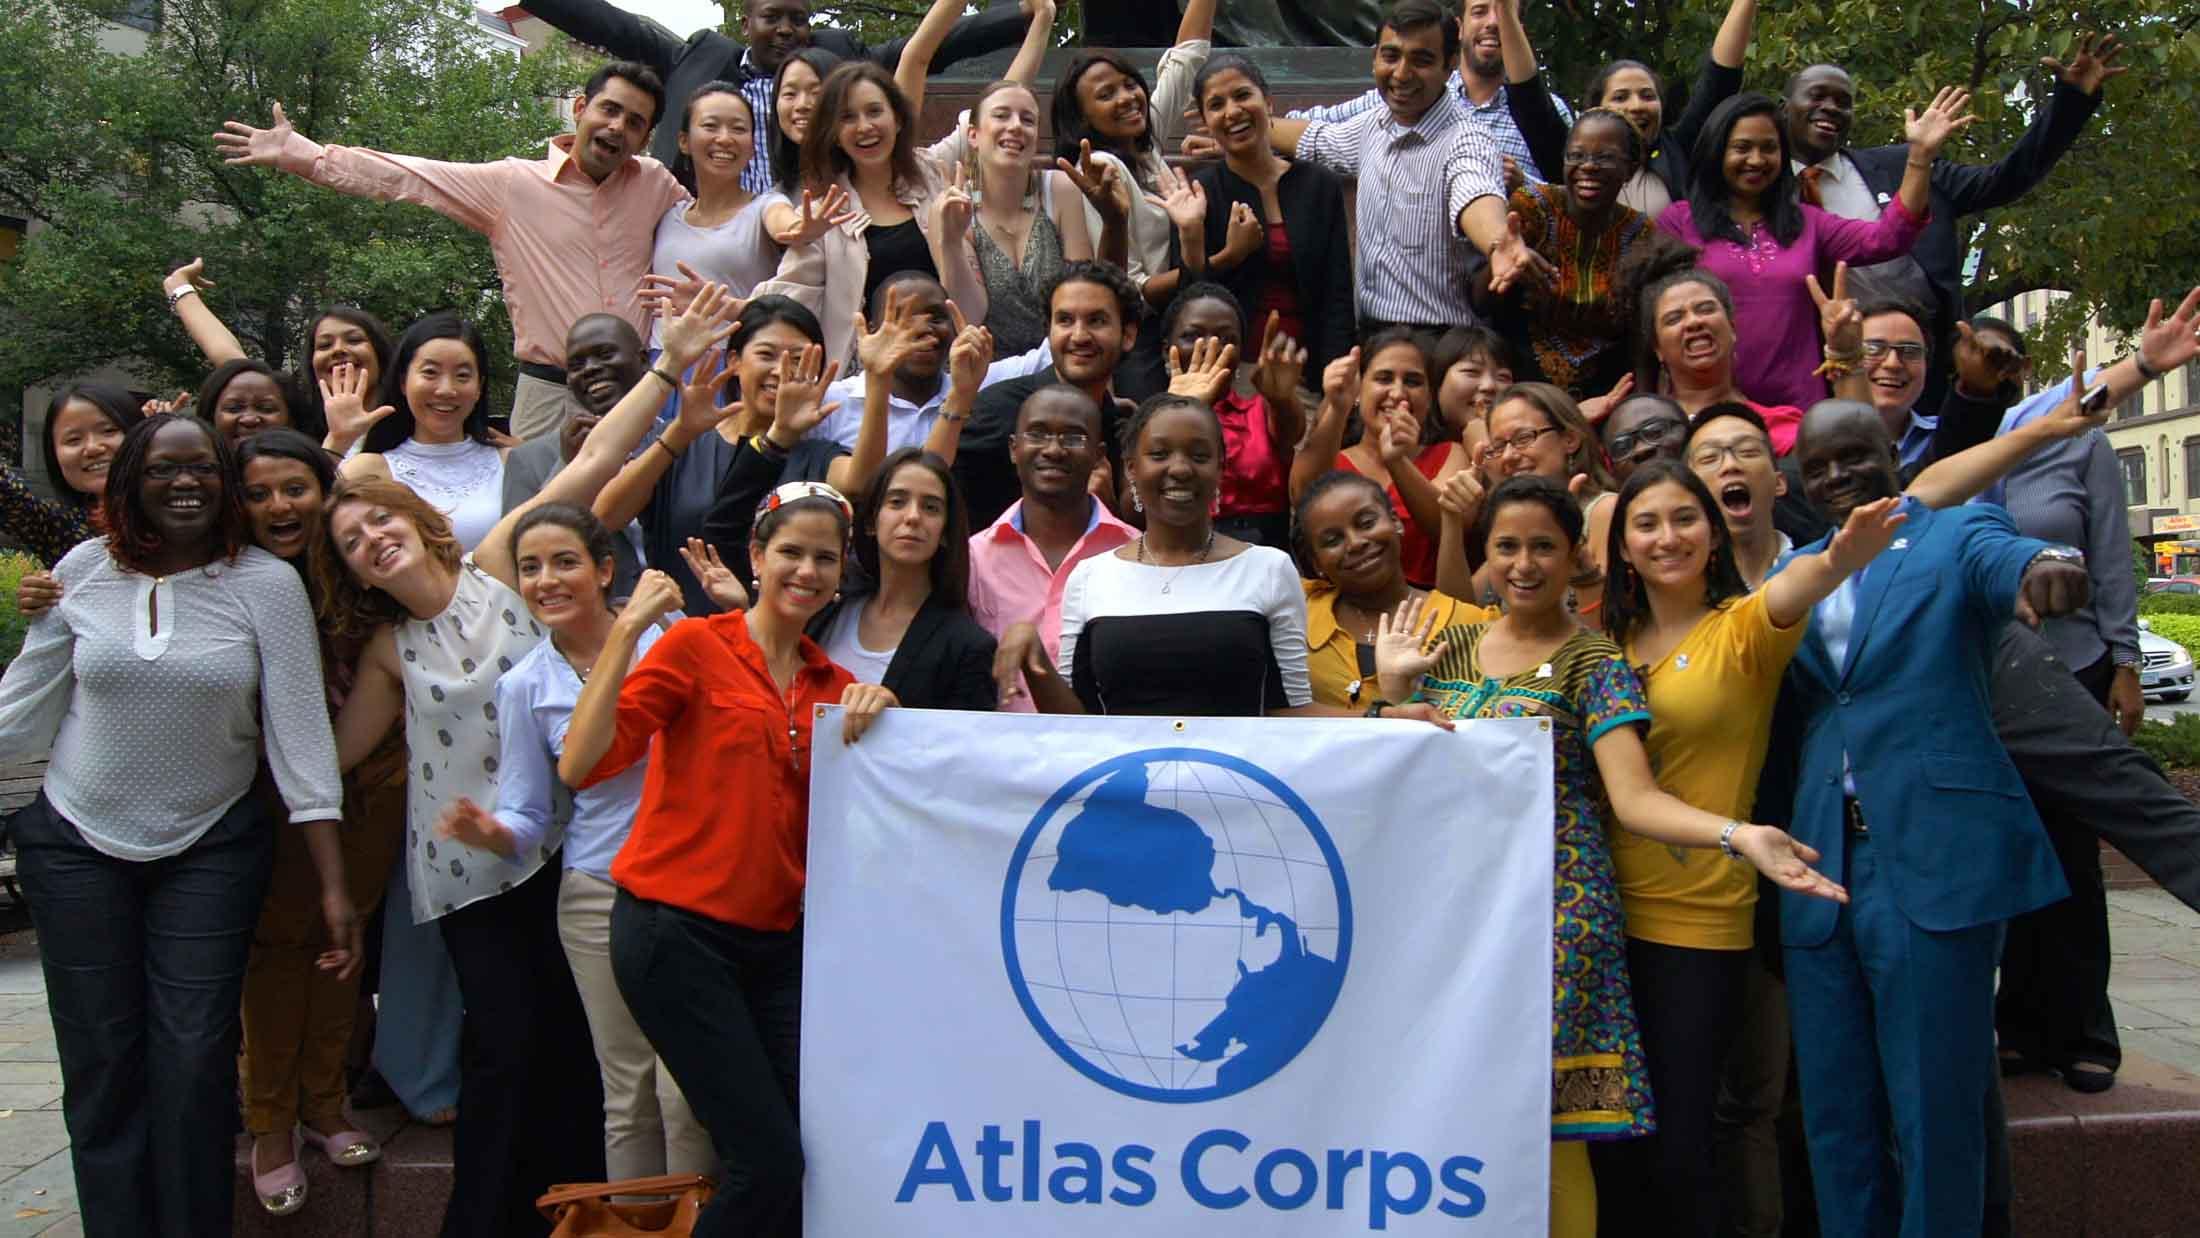 Участники программы пройдут стажировку в неправительственных организациях, соответствующих их опыту работы. Набор на стажировку открыт для всех национальностей.